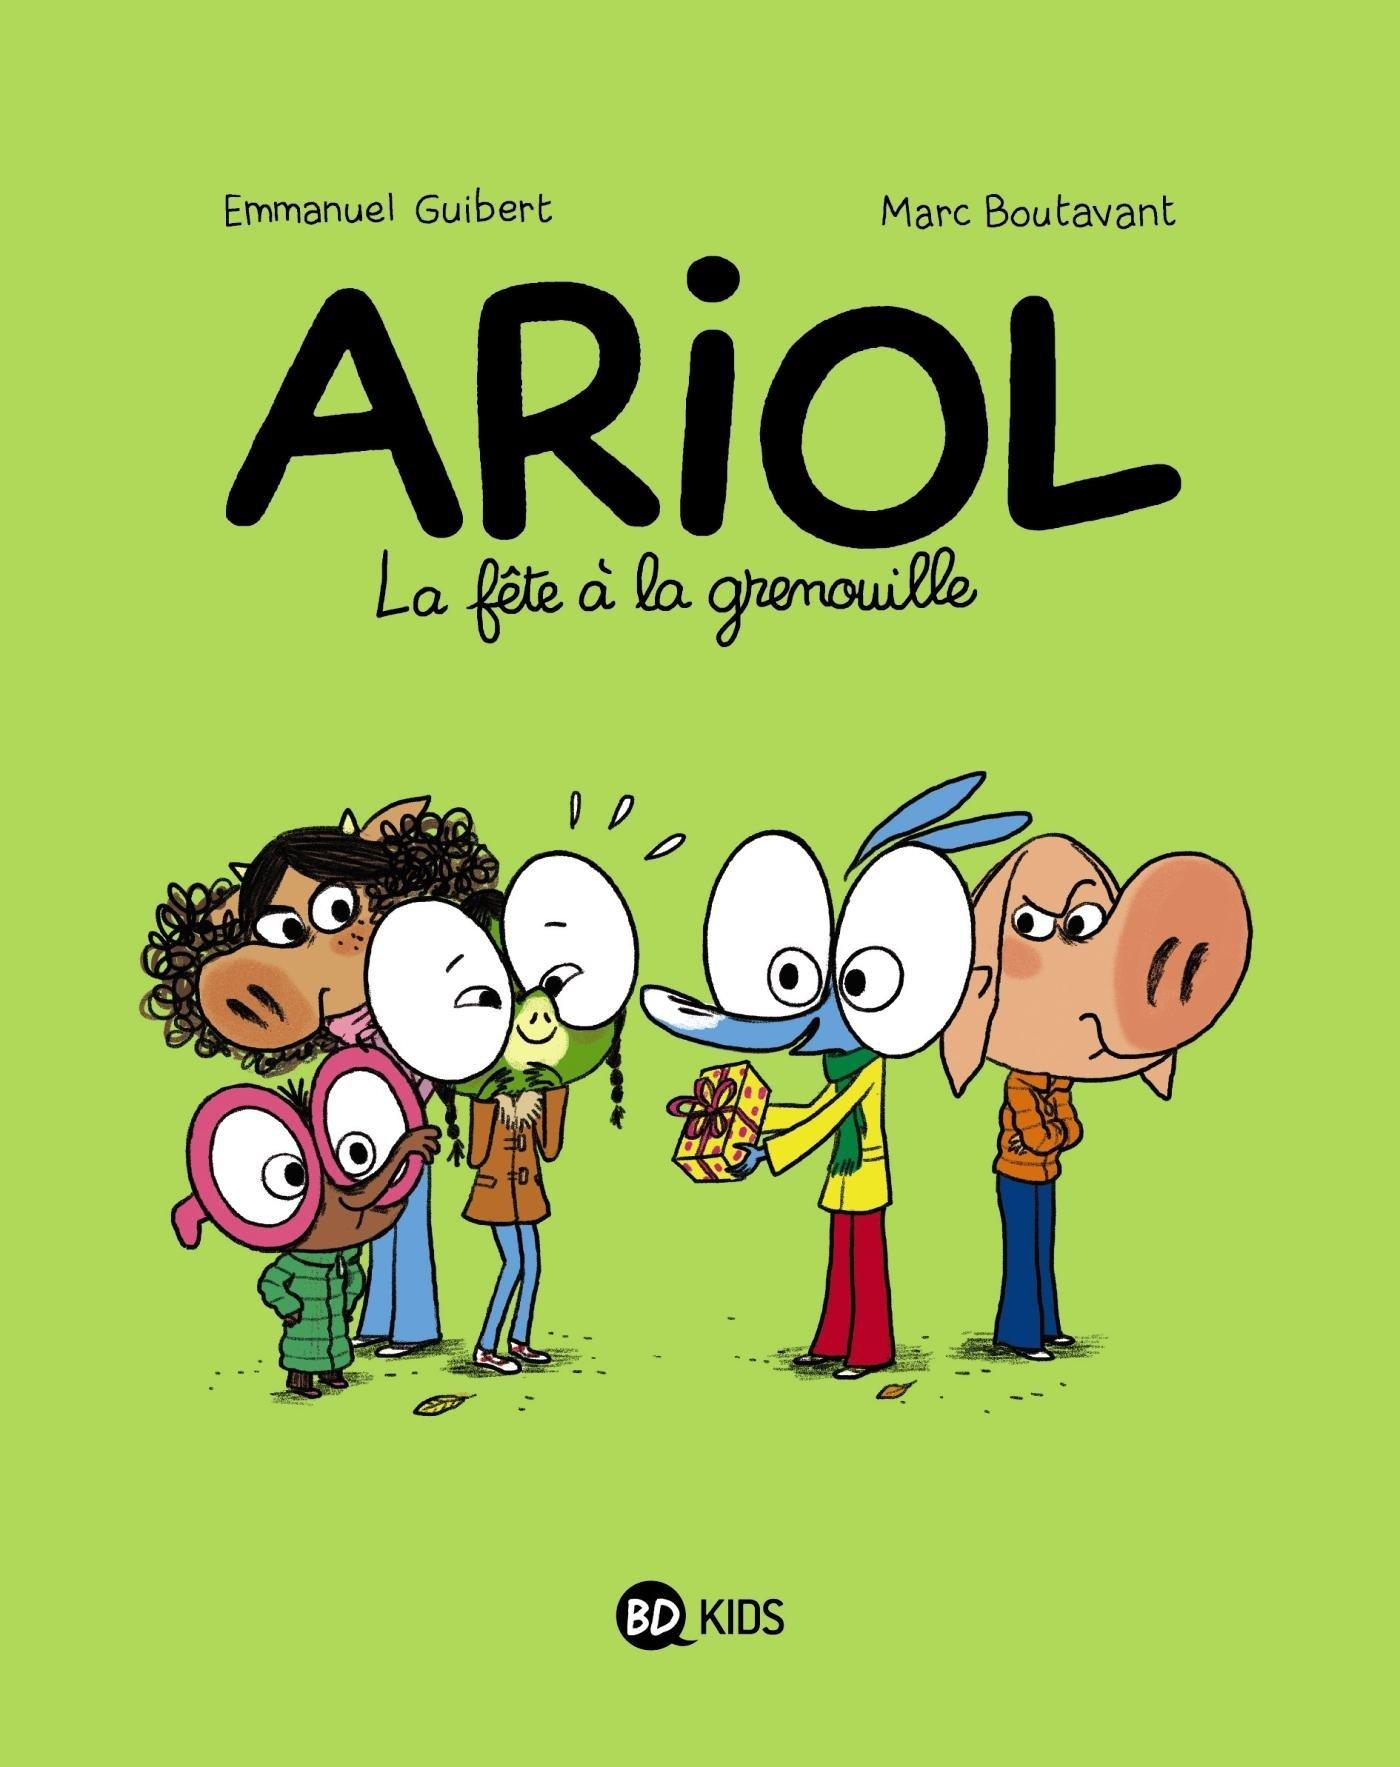 La fête à la grenouille (Ariol #11)